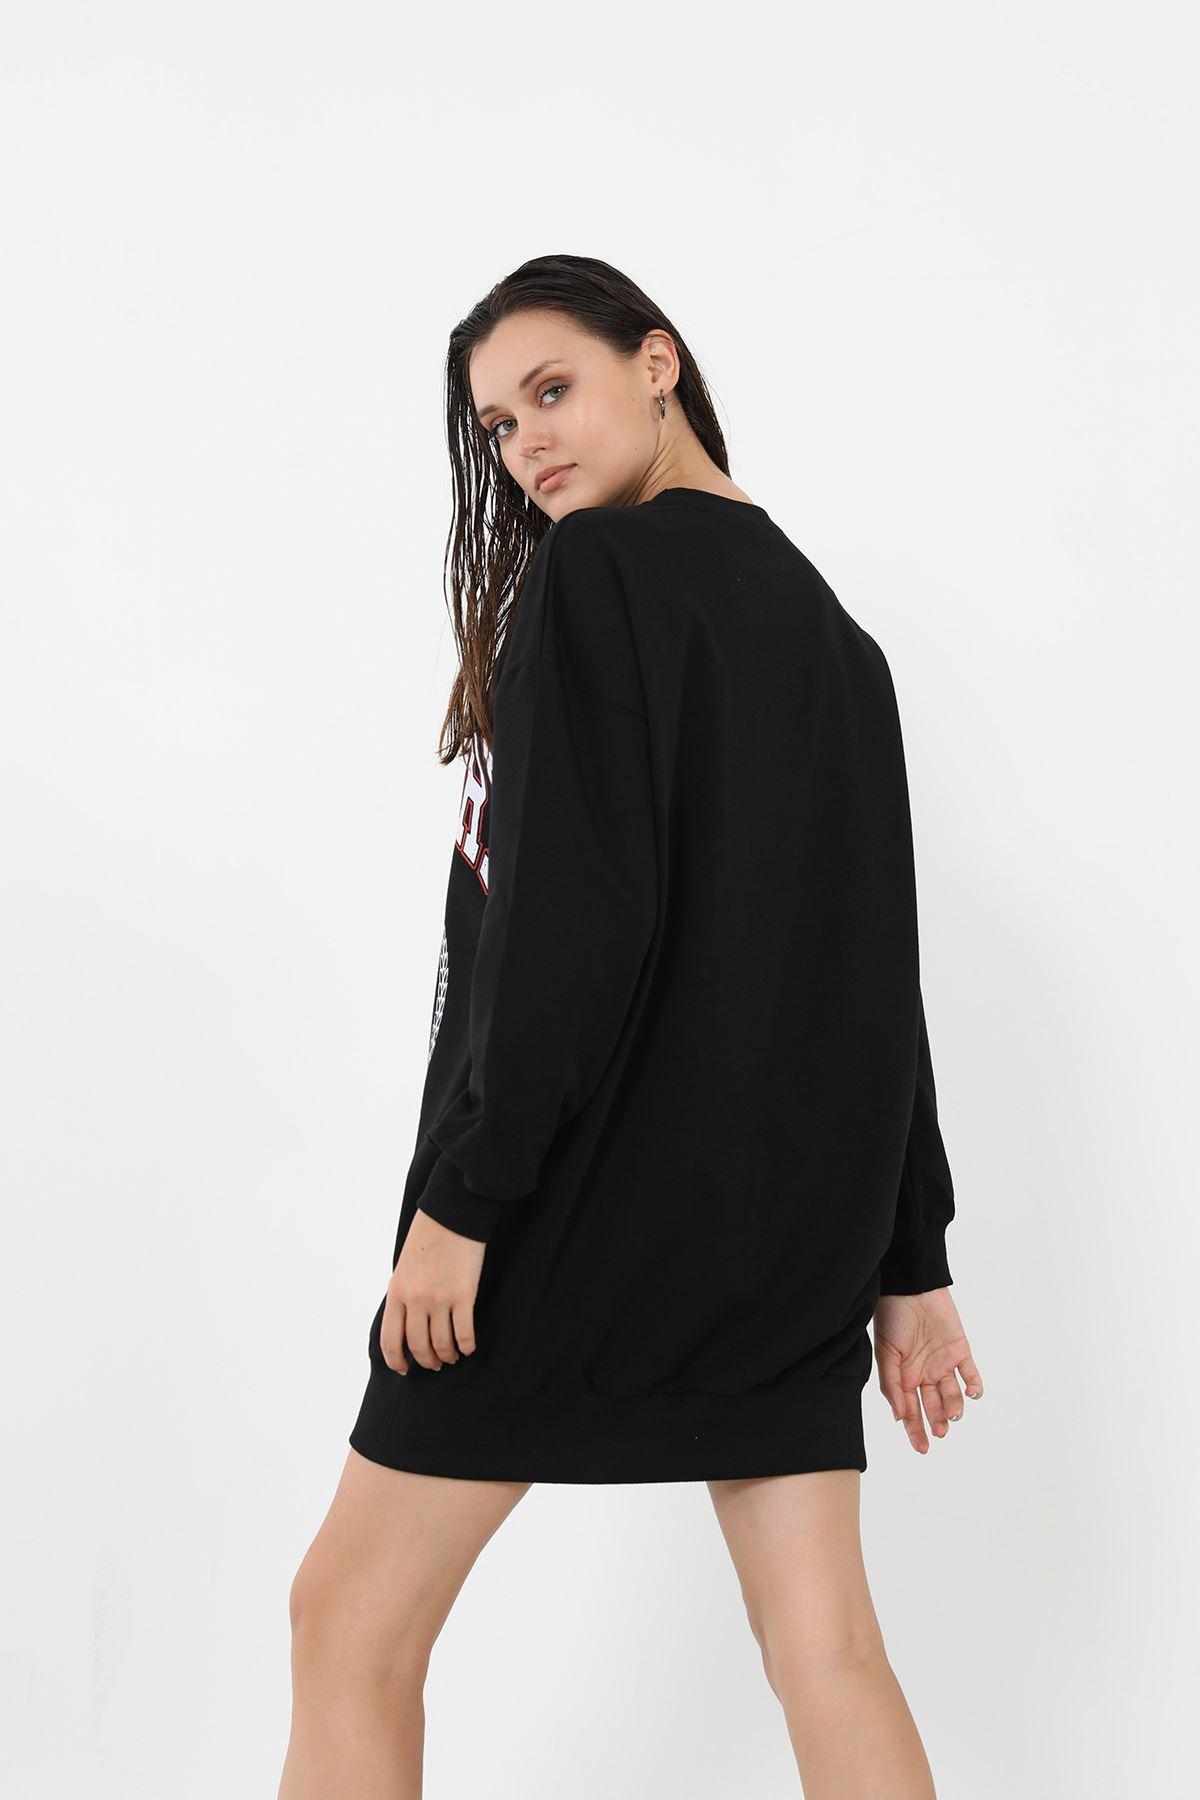 Baskılı Uzun Sweatshirt-Siyah